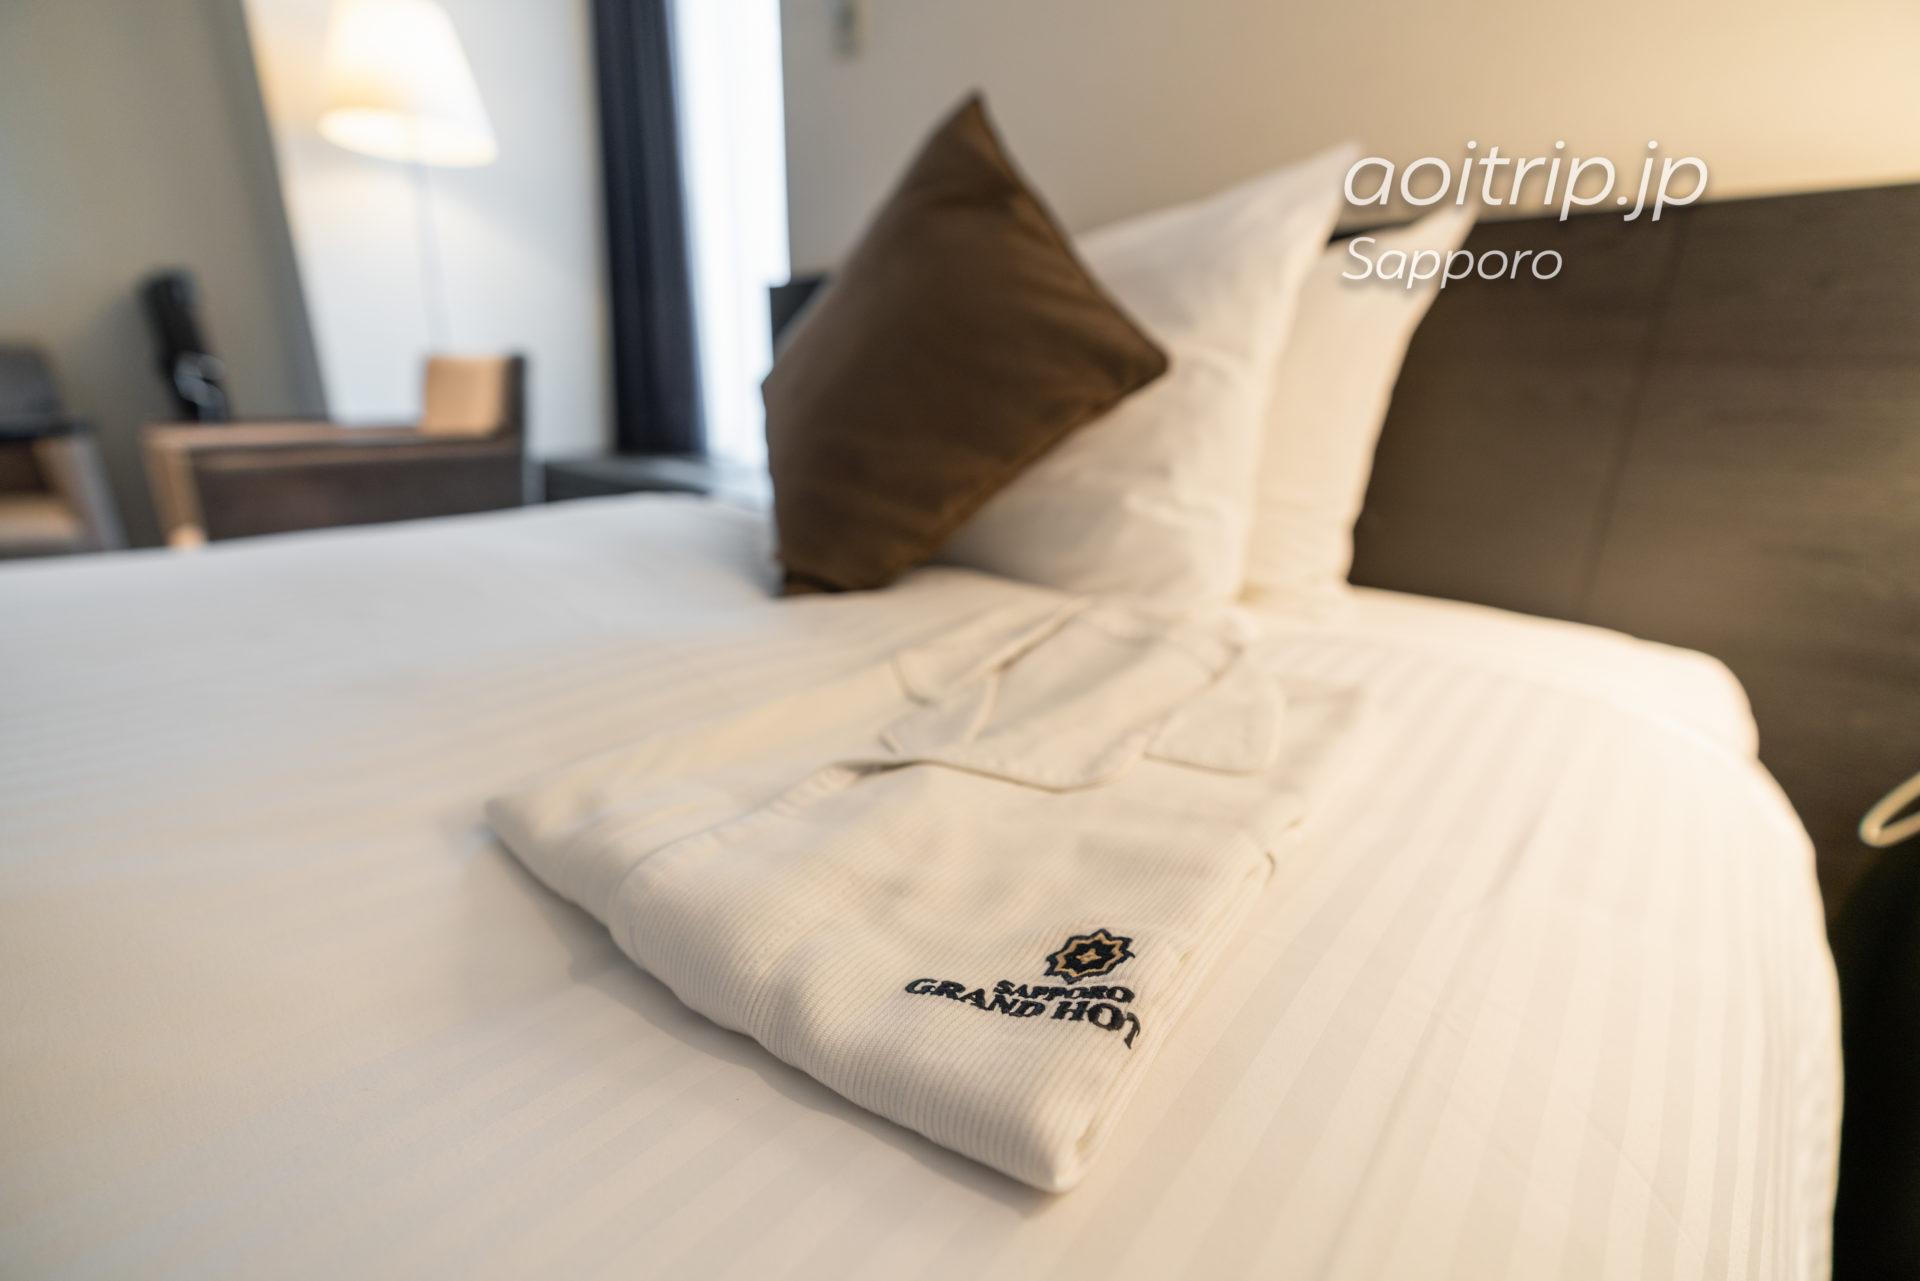 札幌グランドホテルのナイトウェア